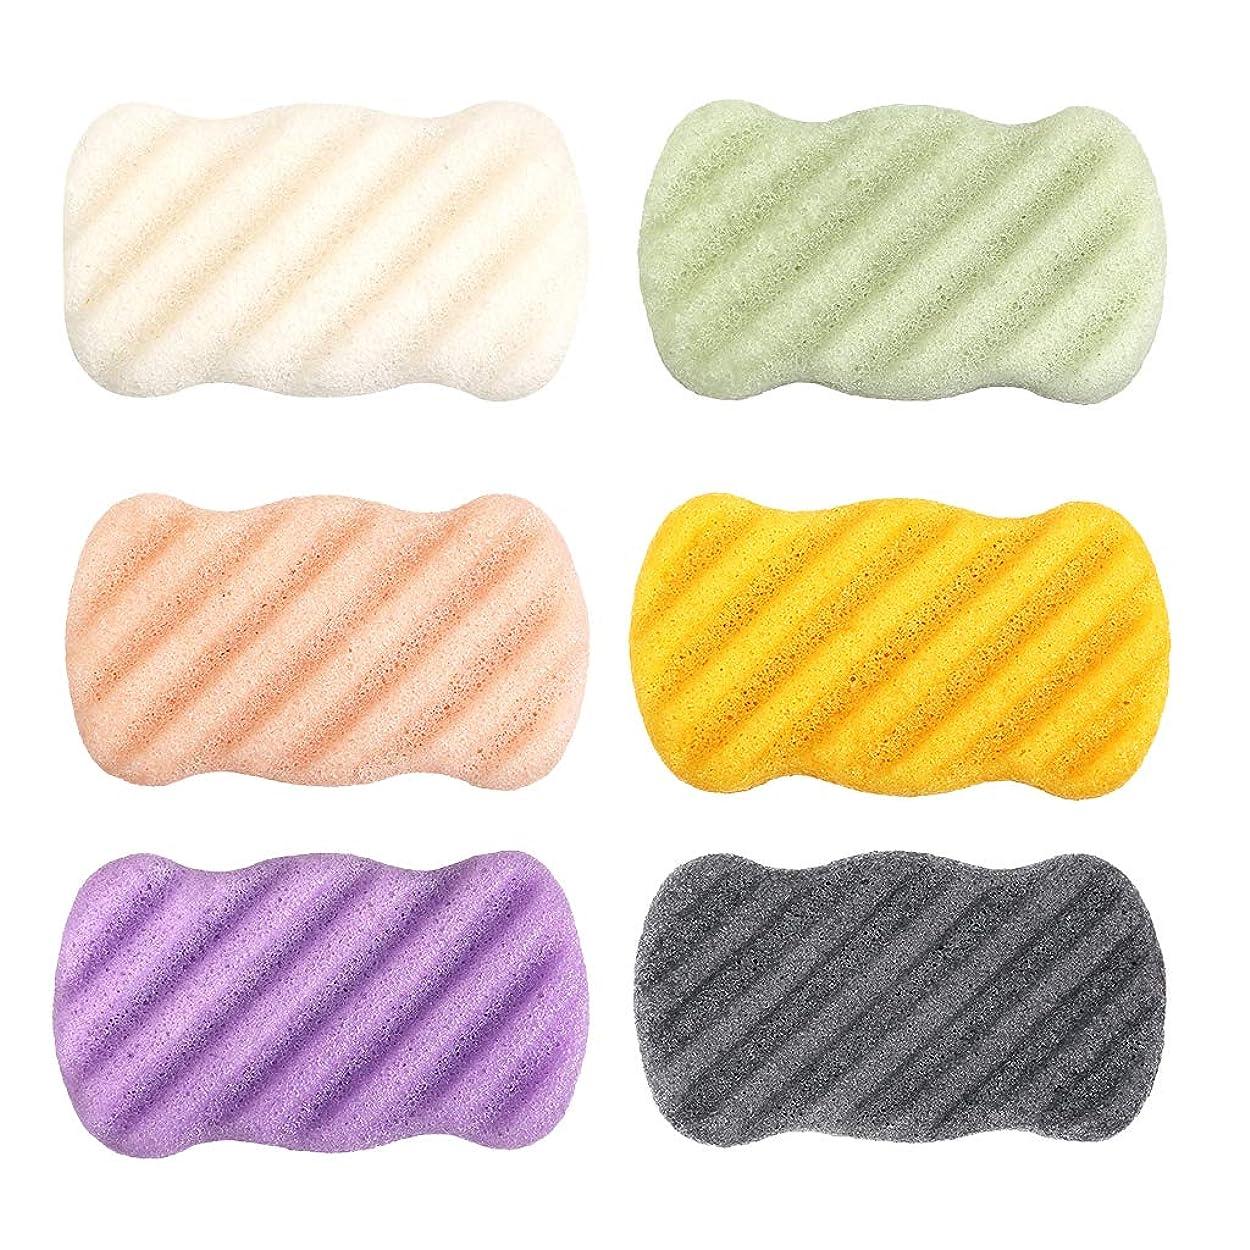 フィードバック些細な堂々たるB Blesiya 6個 洗顔スポンジ コンニャク ソフト パフ スキンケア 快適